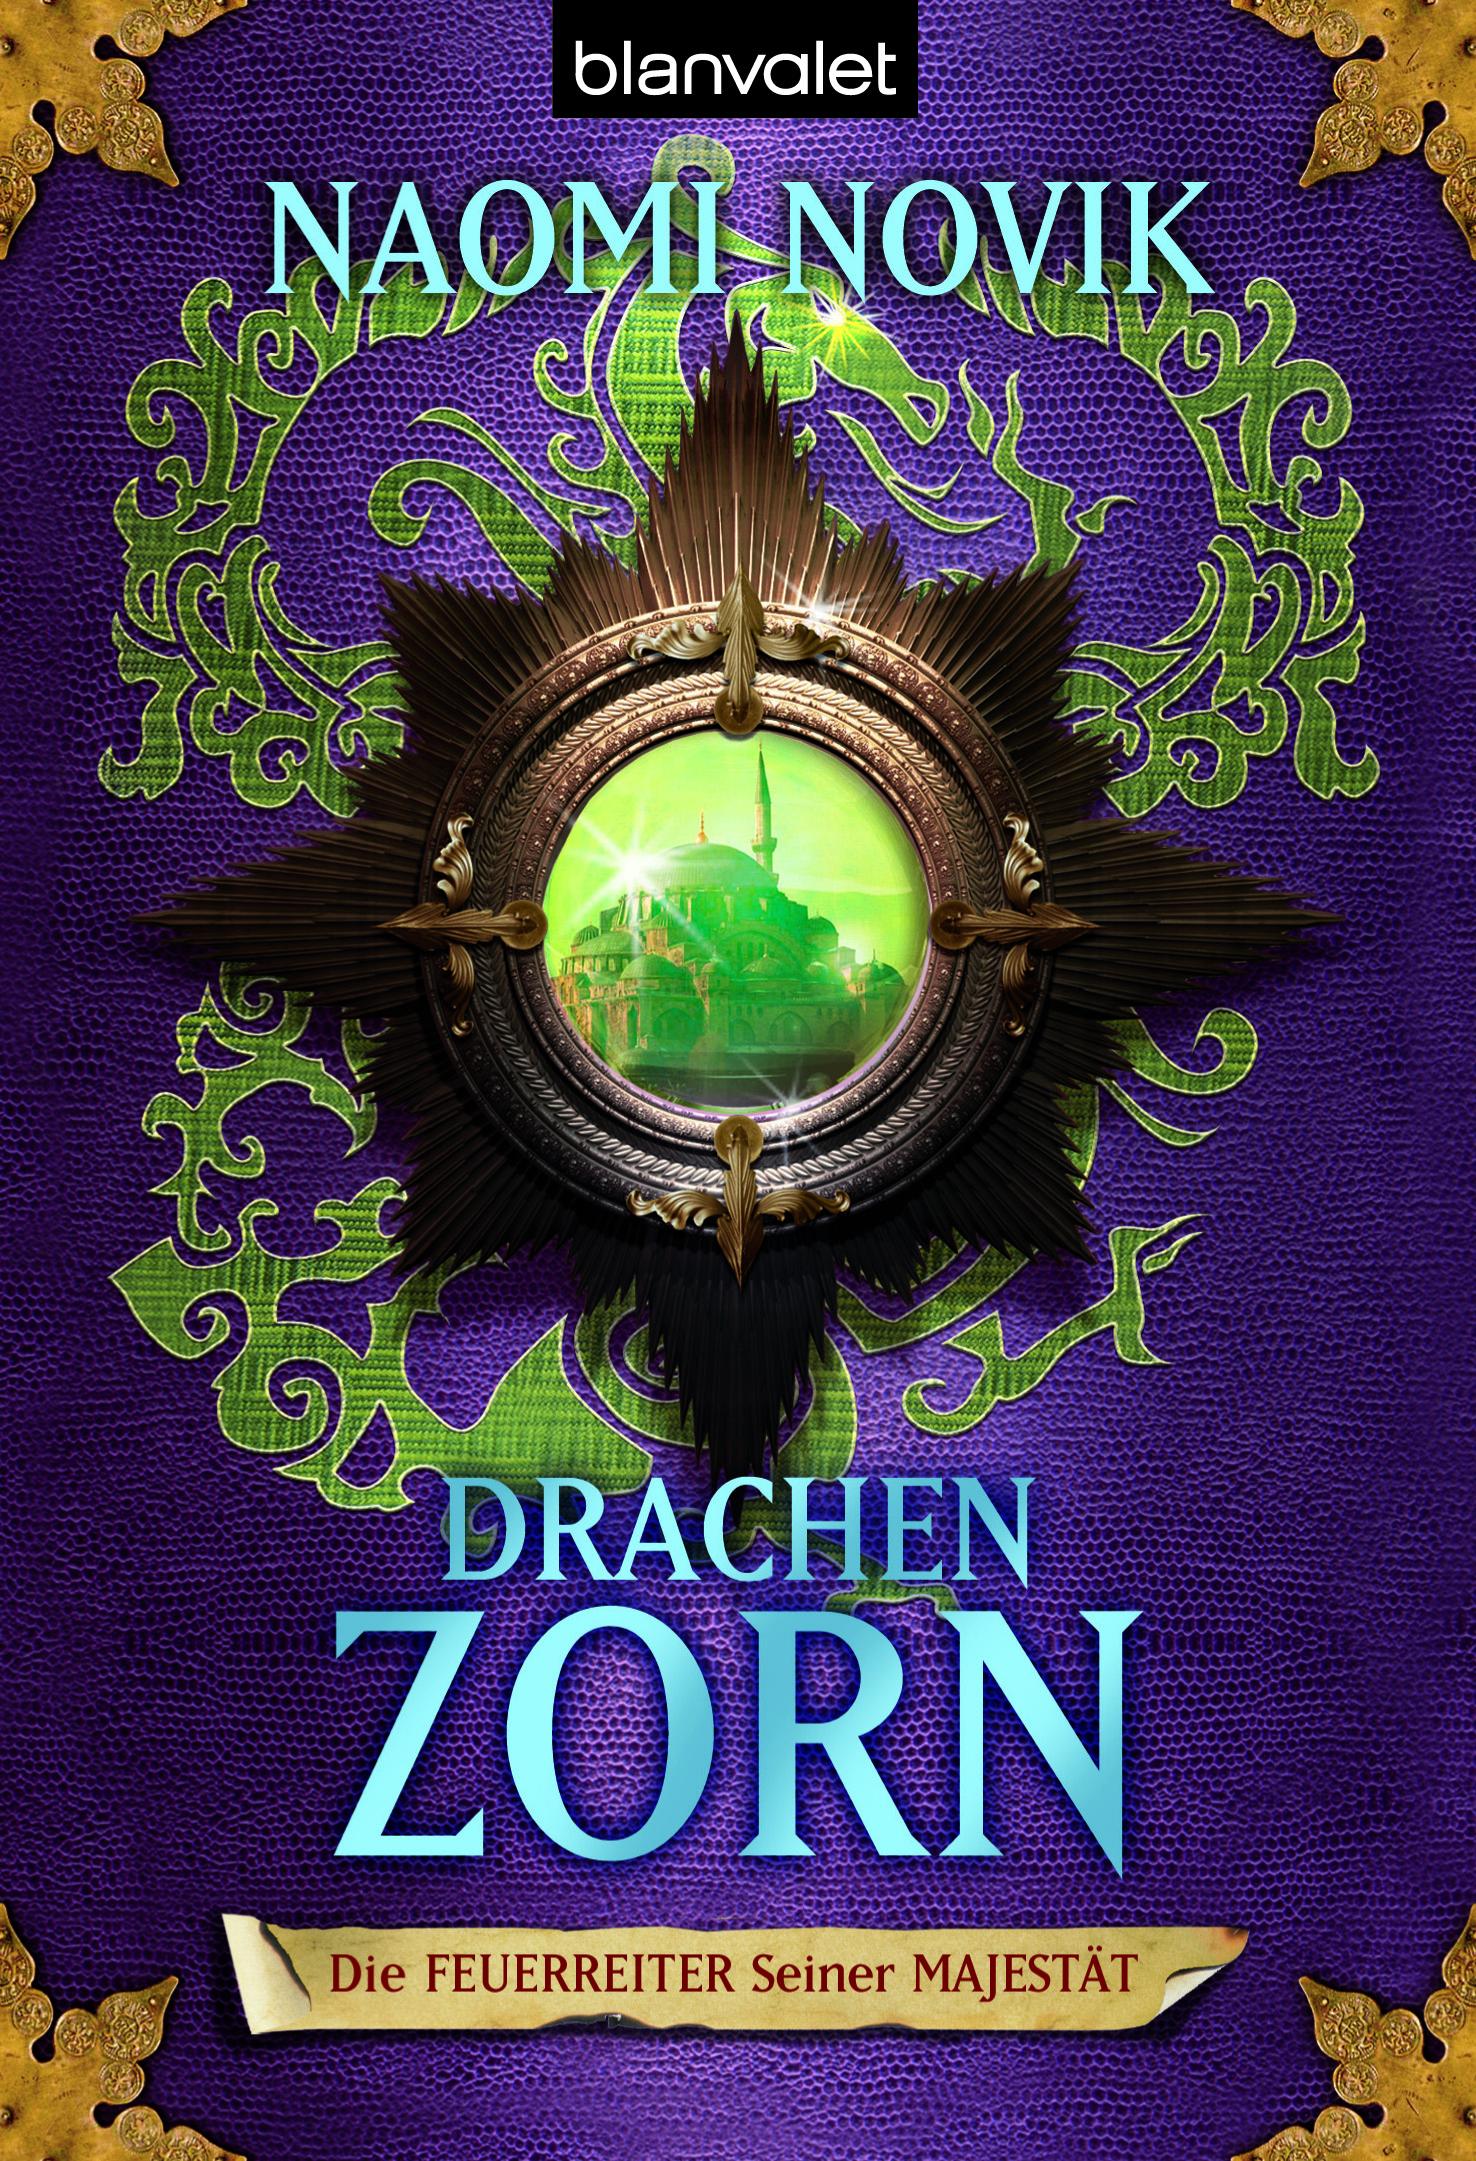 """Rezension: """"Die Feuerreiter Seiner Majestät - Drachenzorn"""" von Naomi Novik, (3. Band)"""